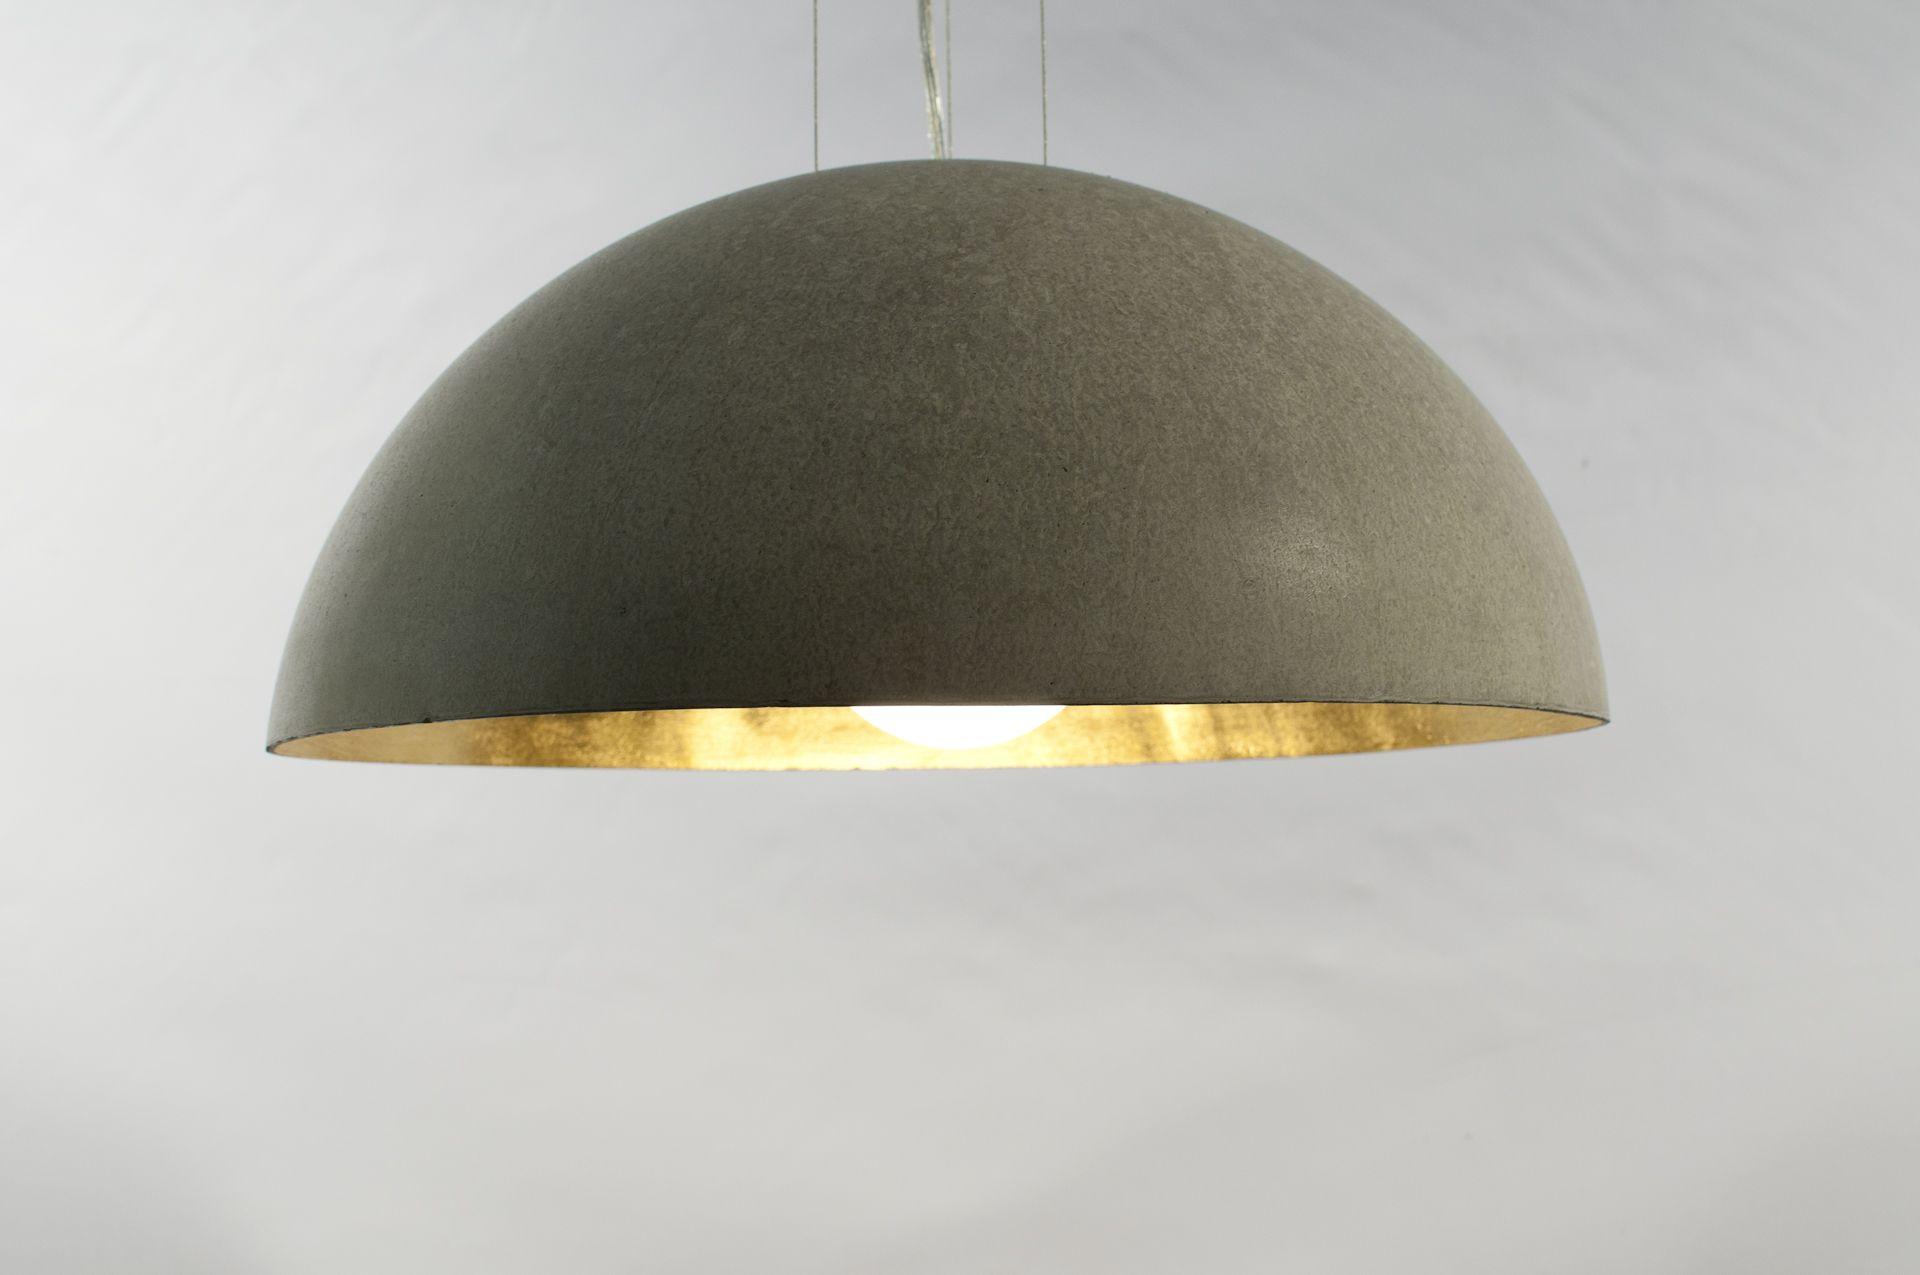 Beton Cire Shop - Ihr Beton Cire Profi - Kaufen und Verarbeiten - Blattgold Rosenobel Betonlampe Betonleuchte Designerleuchte